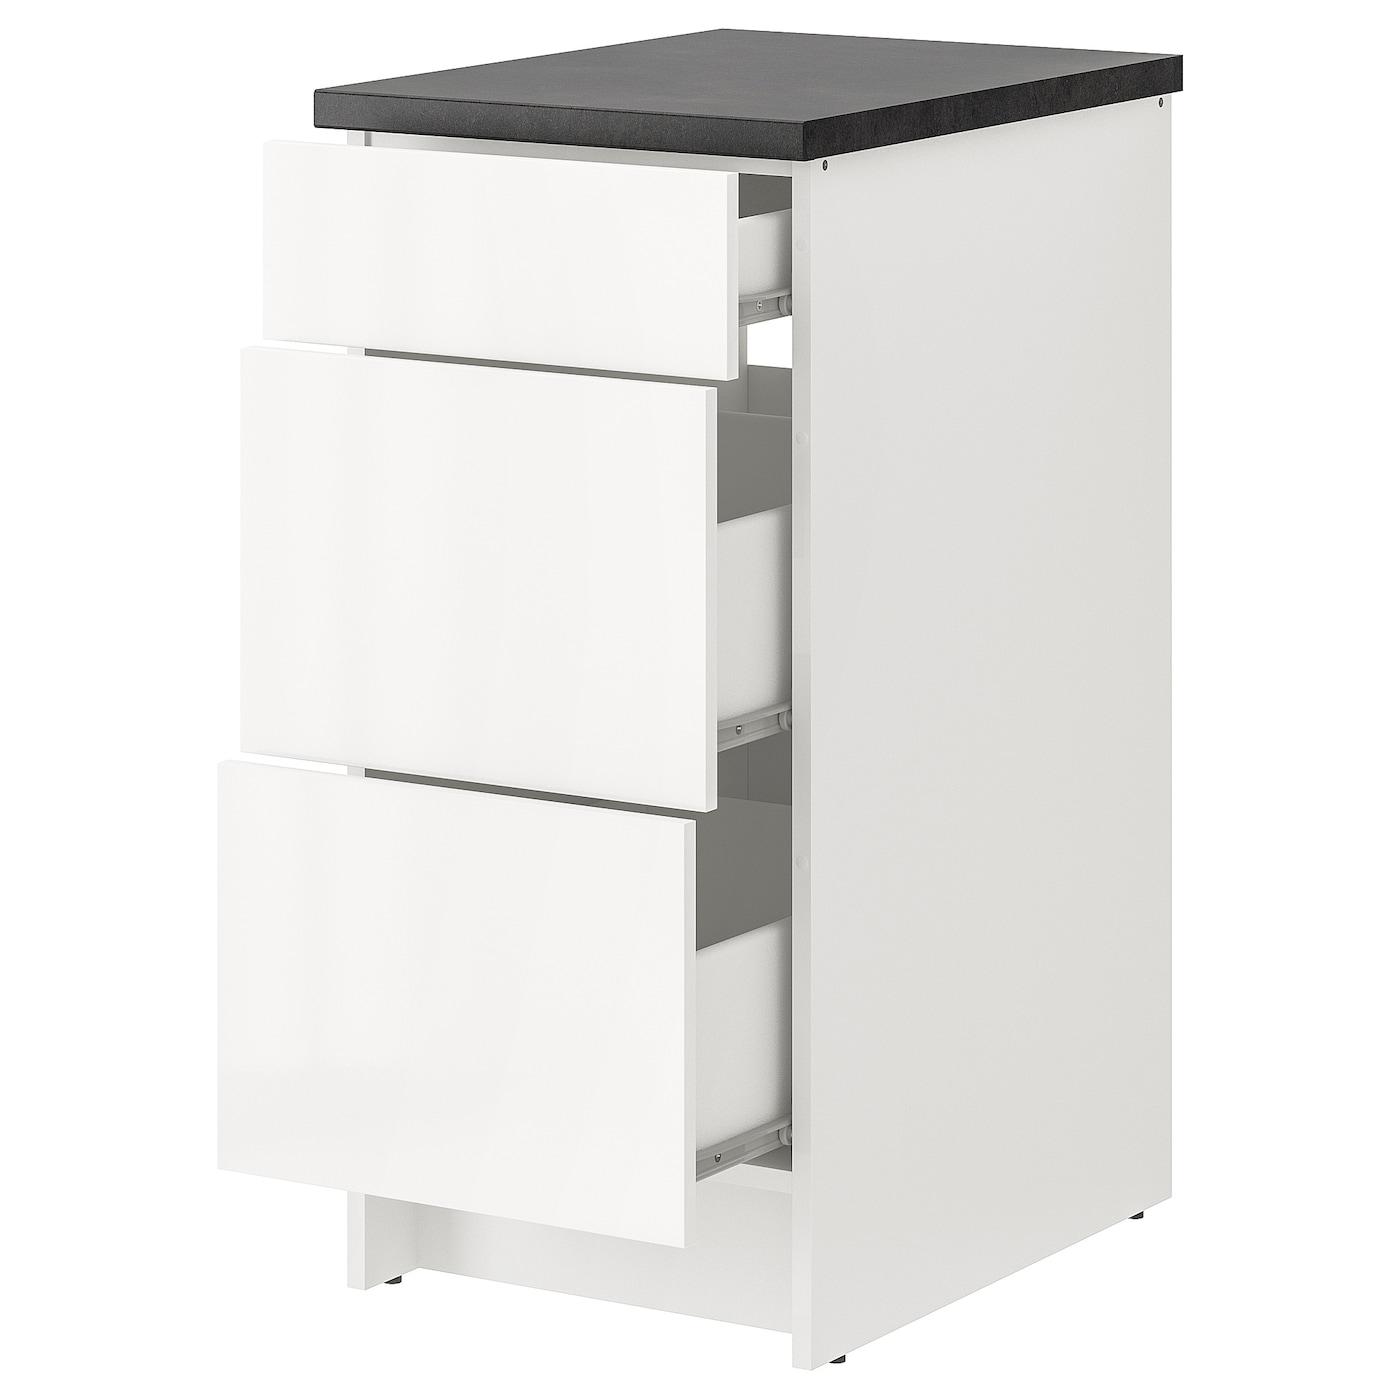 IKEA KNOXHULT biała szafka o wysokim połysku z szufladami, szerokość 40 cm